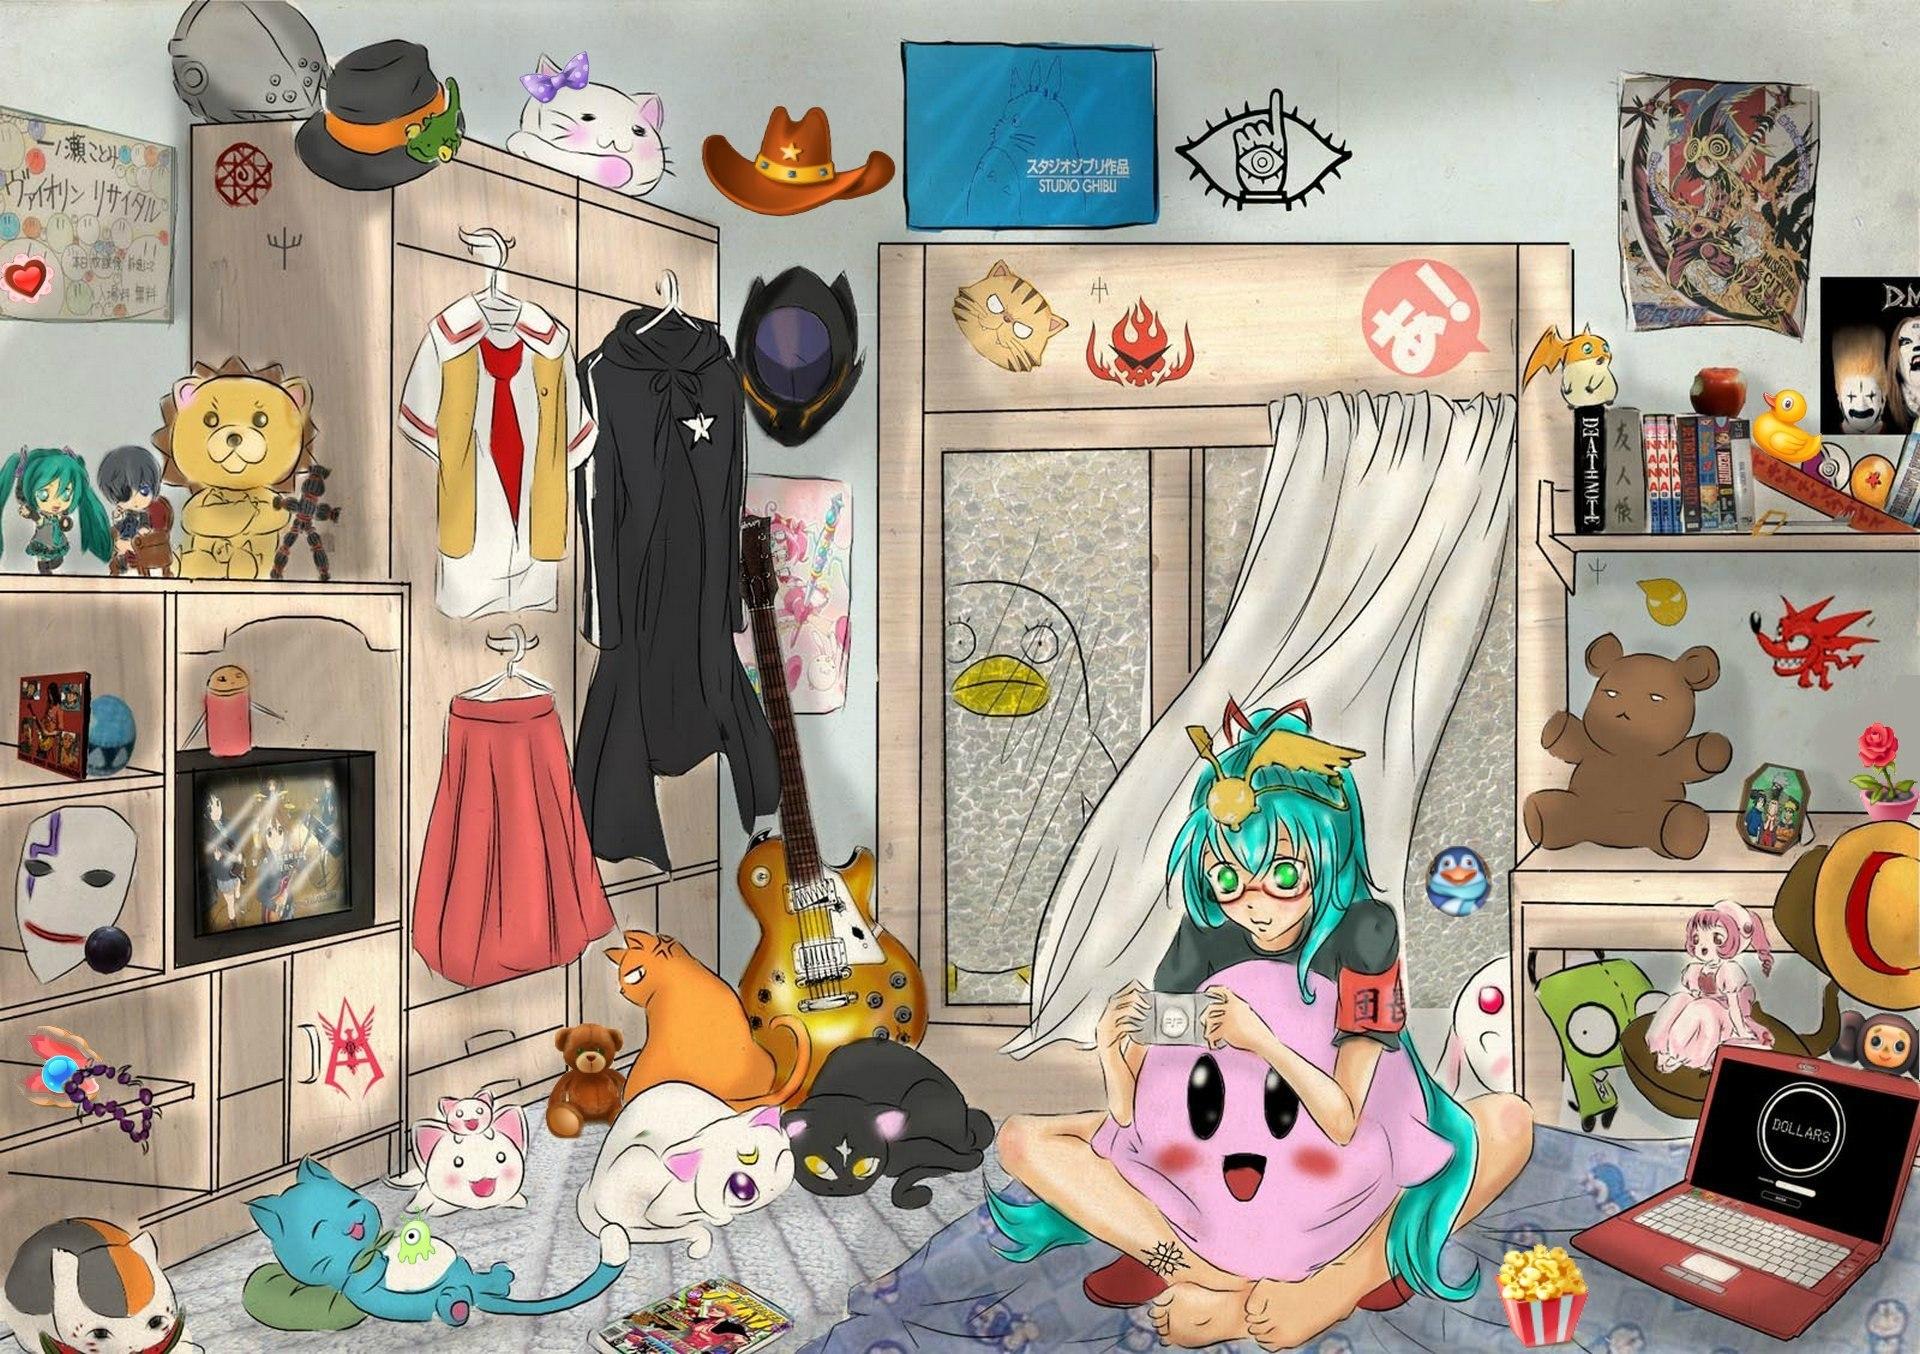 усмешкам, картинка комната вещи разместили расположенном неподалеку